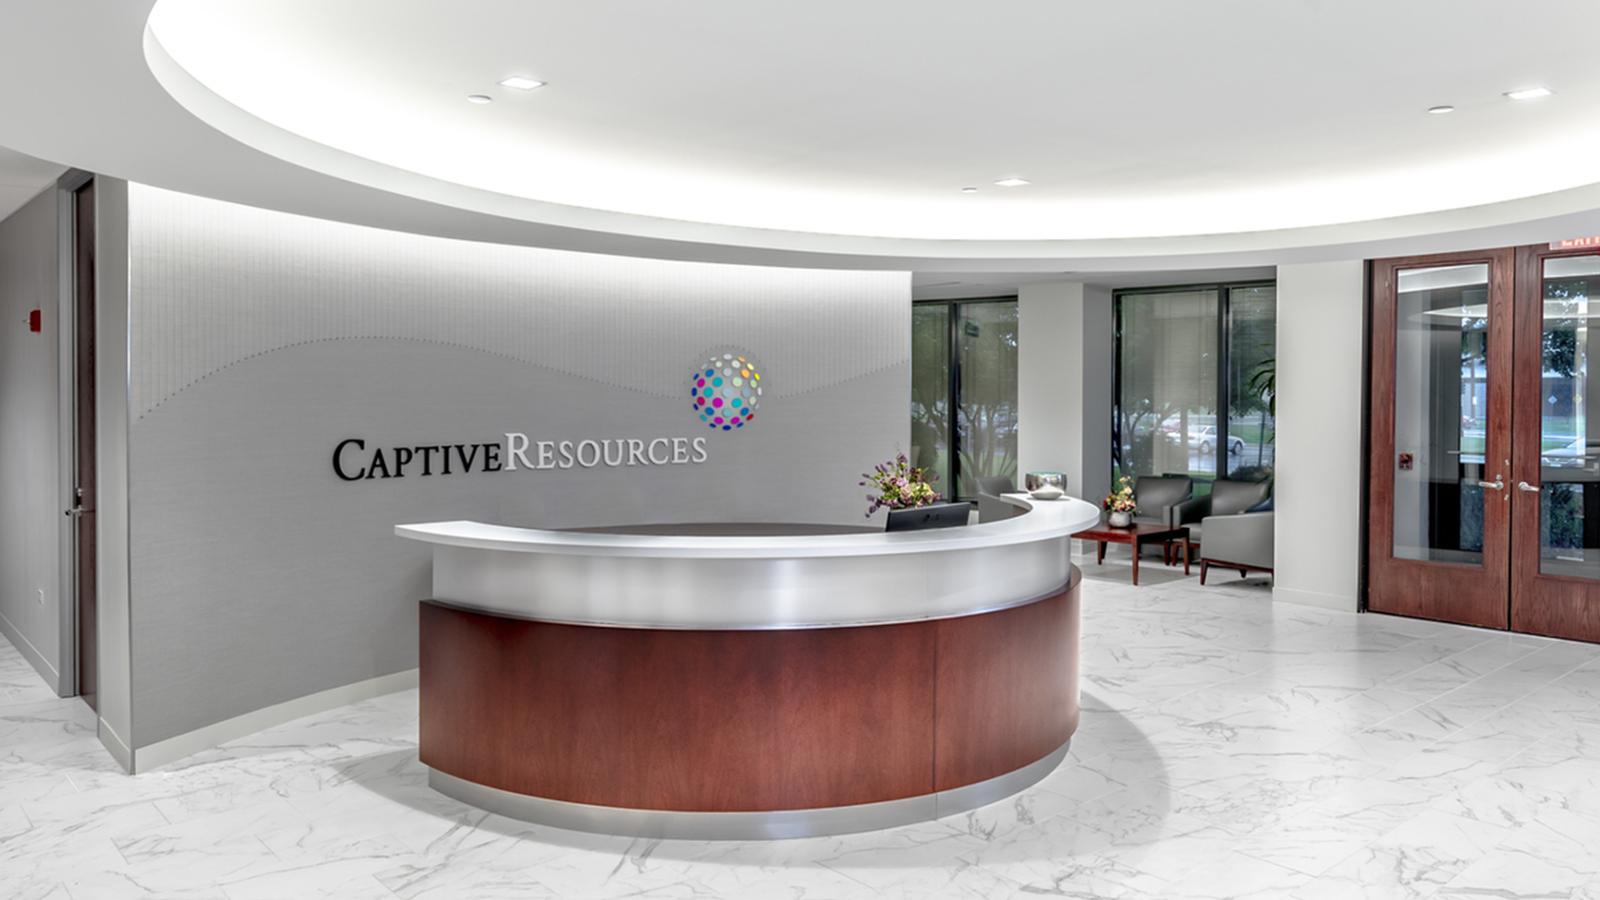 Captive Resources Reception Area